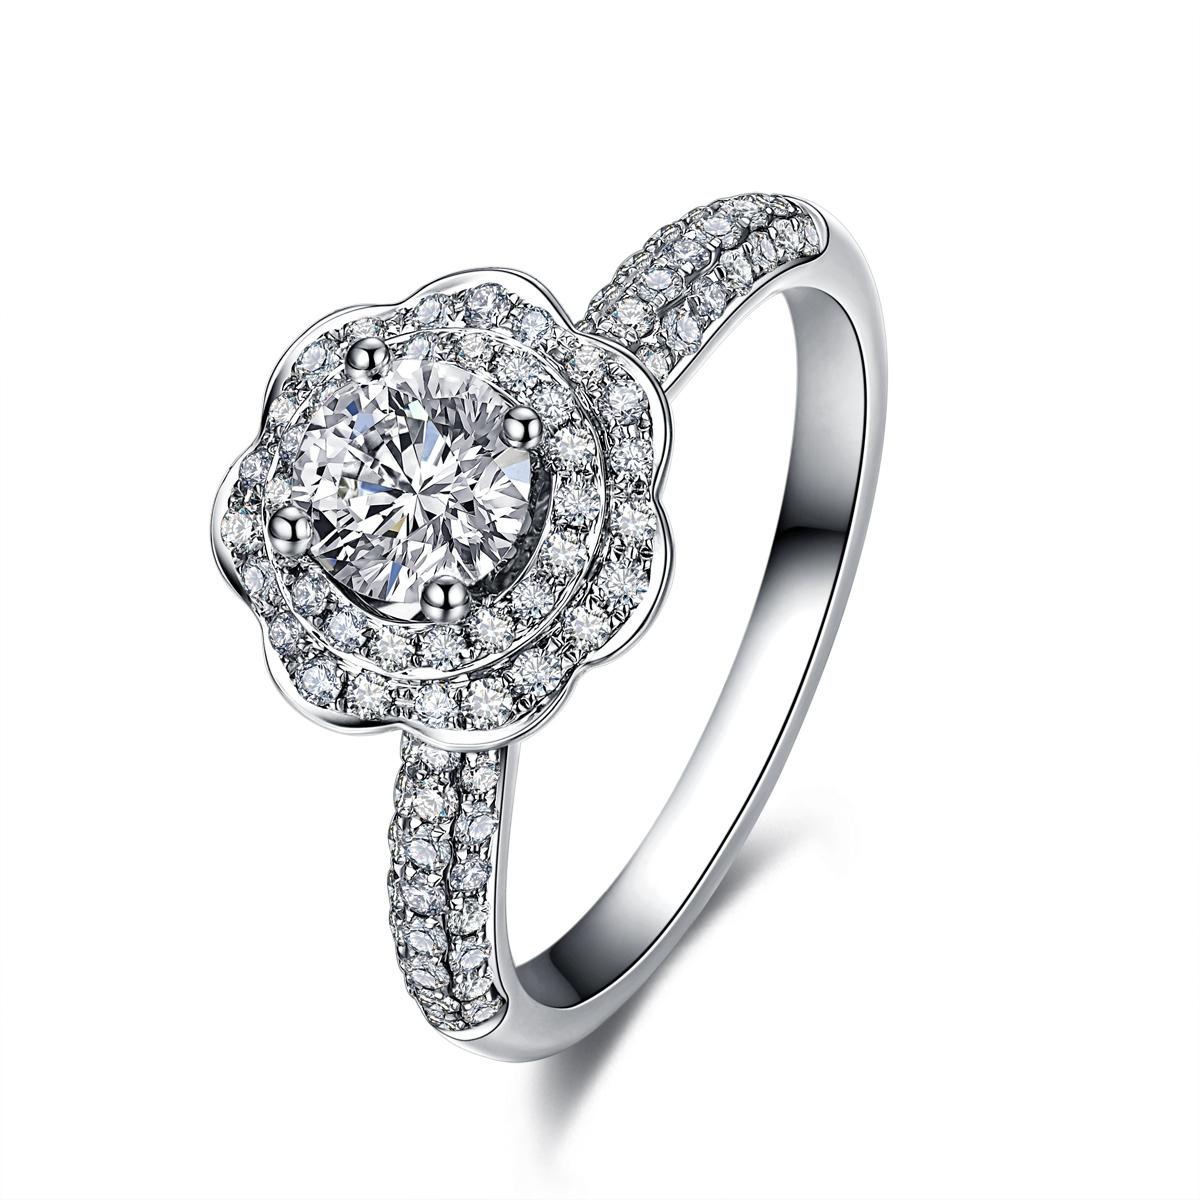 教你如何挑选到高性价比钻石